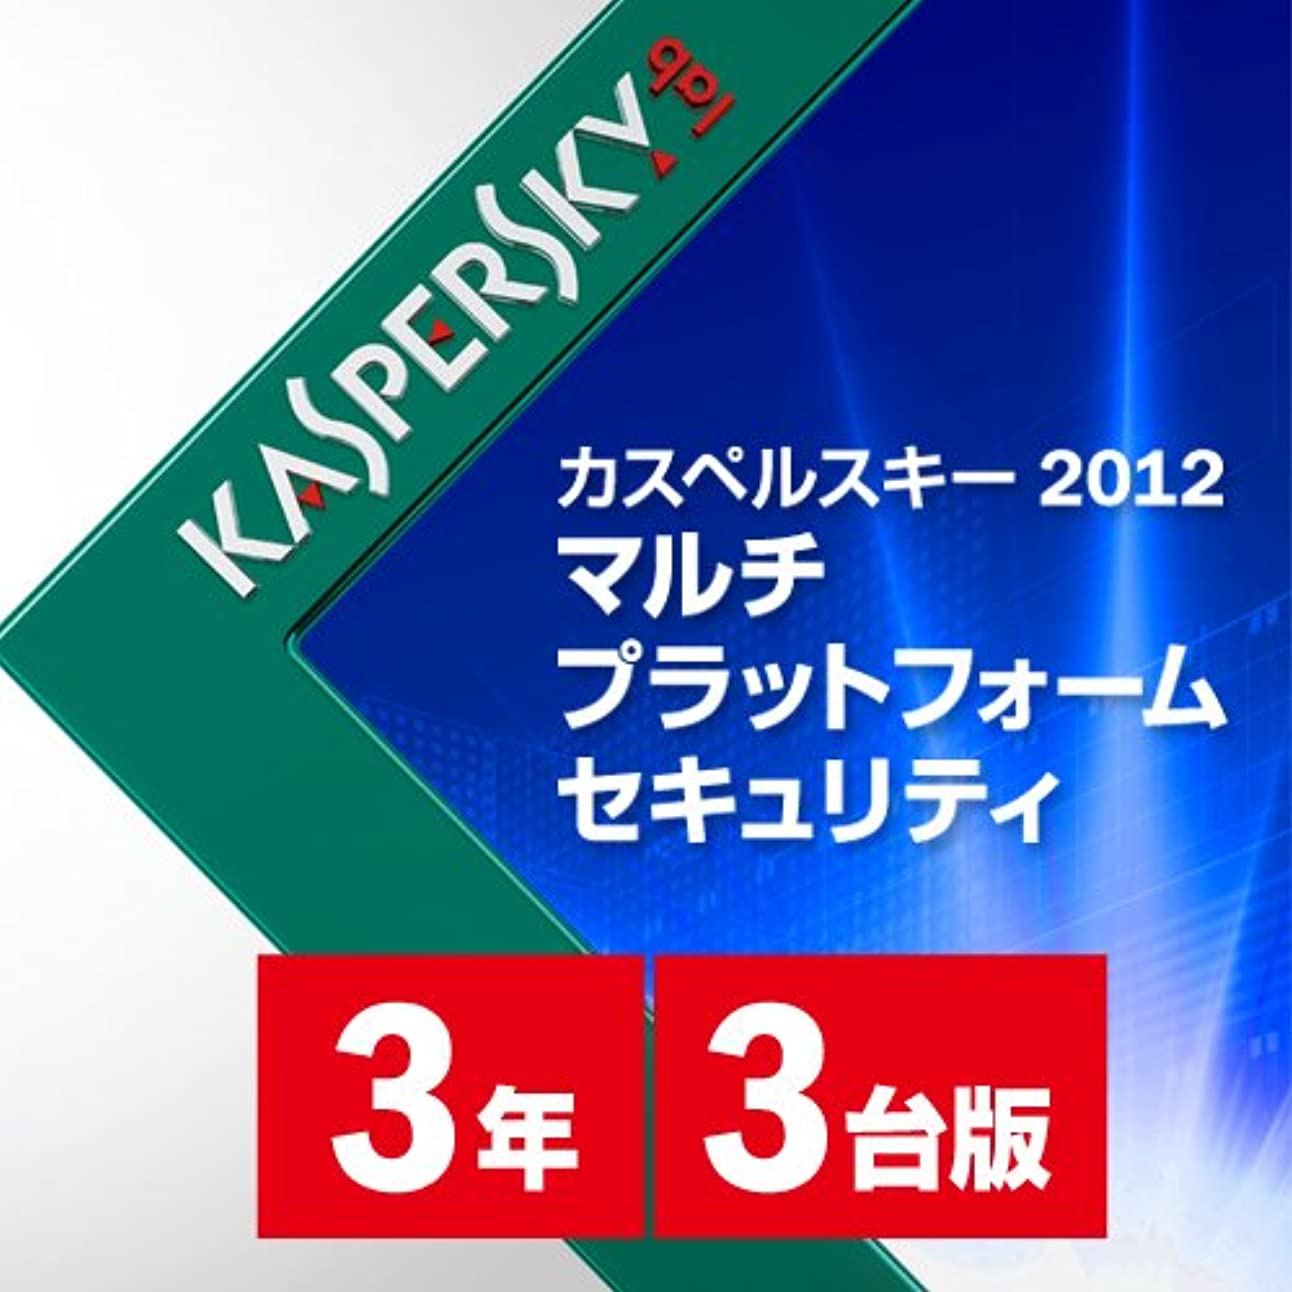 メディック神学校アコードカスペルスキー 2012 Multi Platform Security 3年3台版 [フラストレーションフリーパッケージ(FFP)]